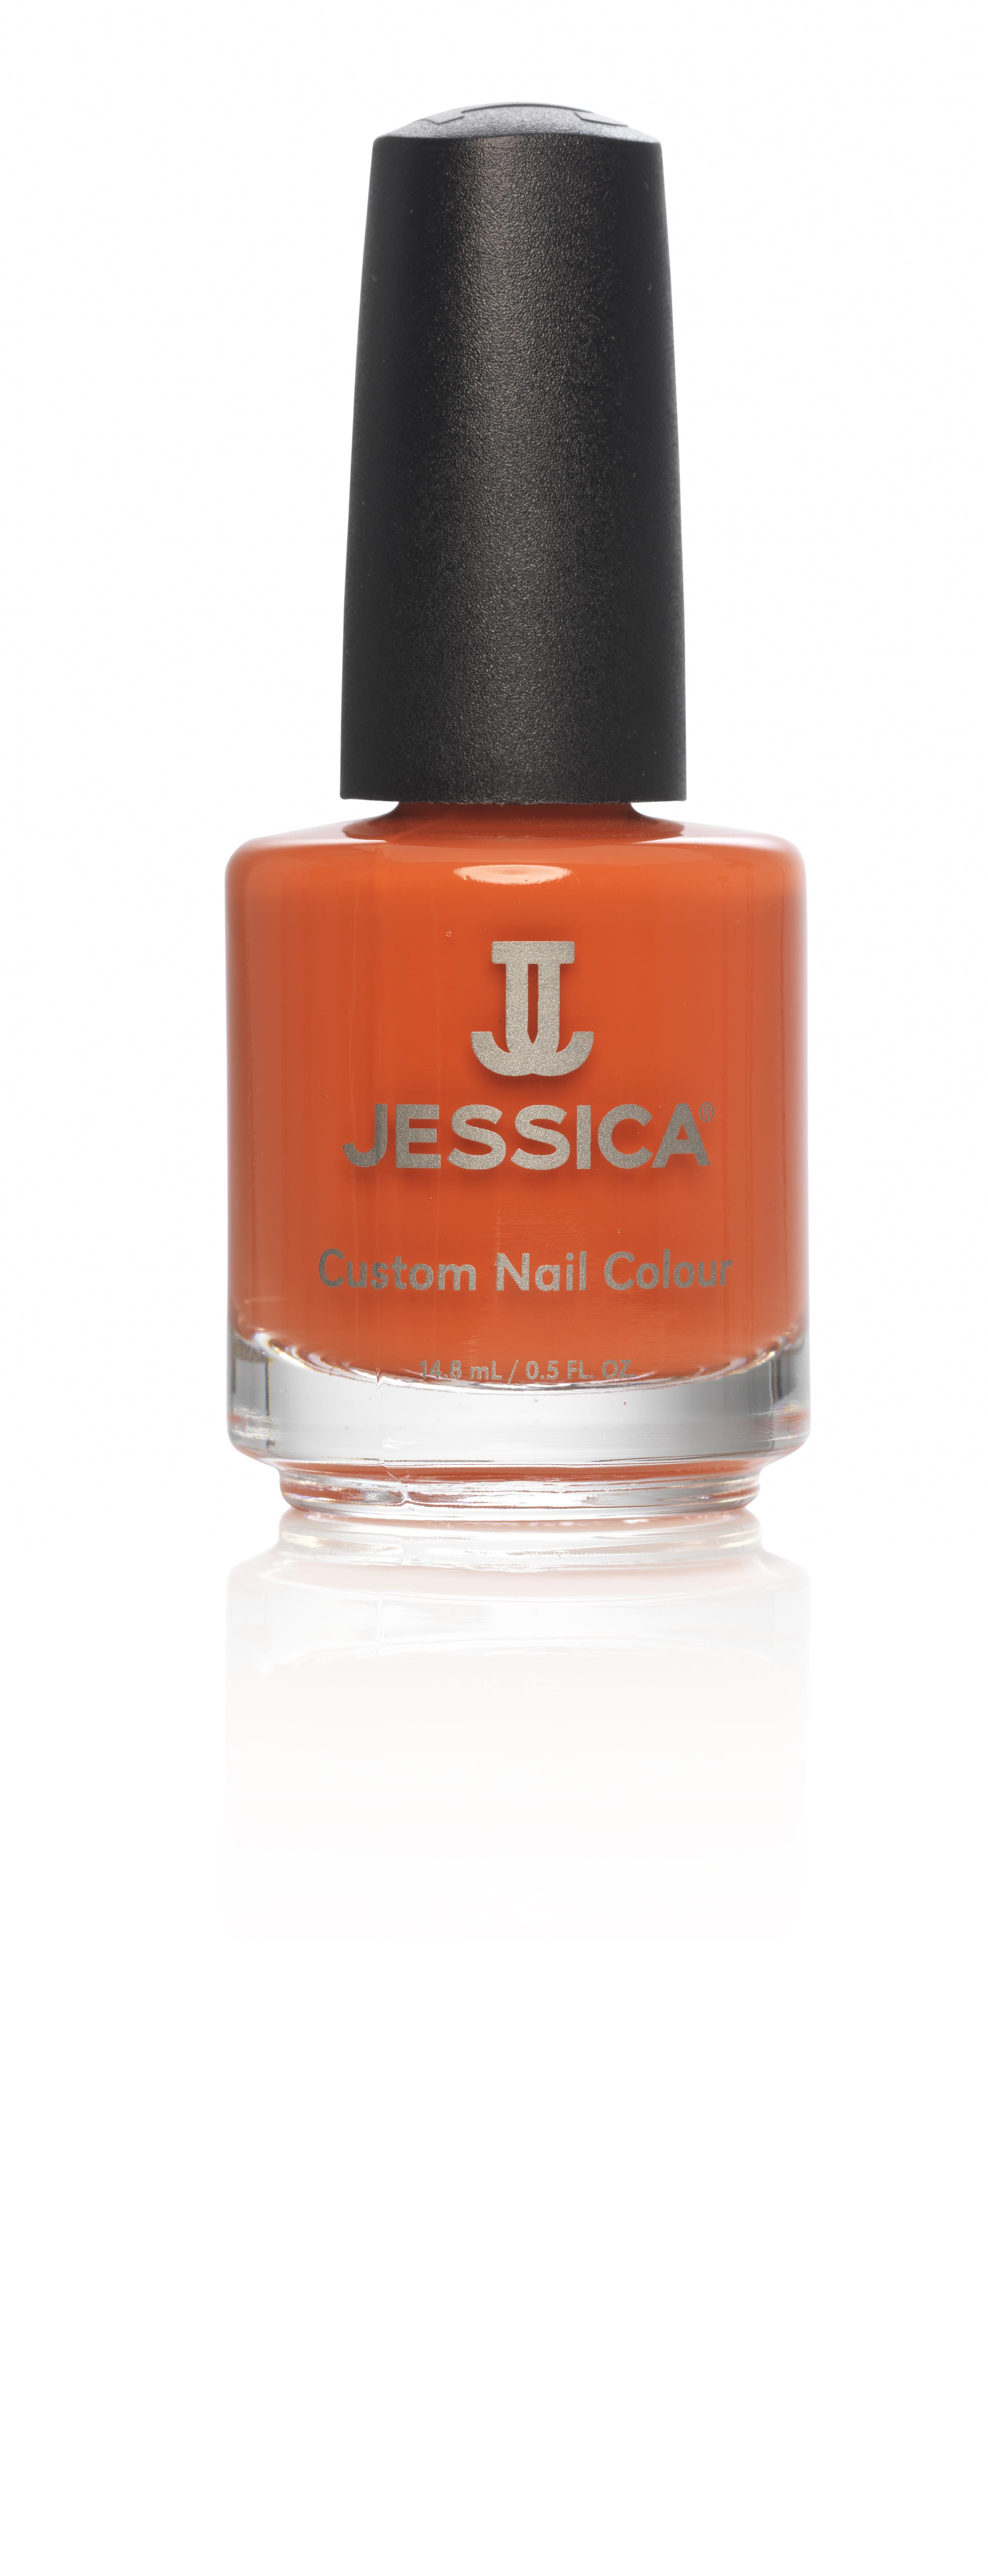 Jessica Лак для ногтей 947 Bindi Red 14,8 млWS2320NЛаки JESSICA содержат витамины A, Д и Е, обеспечивают дополнительную защиту ногтей и усиливают терапевтическое воздействие базовых средств и средств-корректоров.